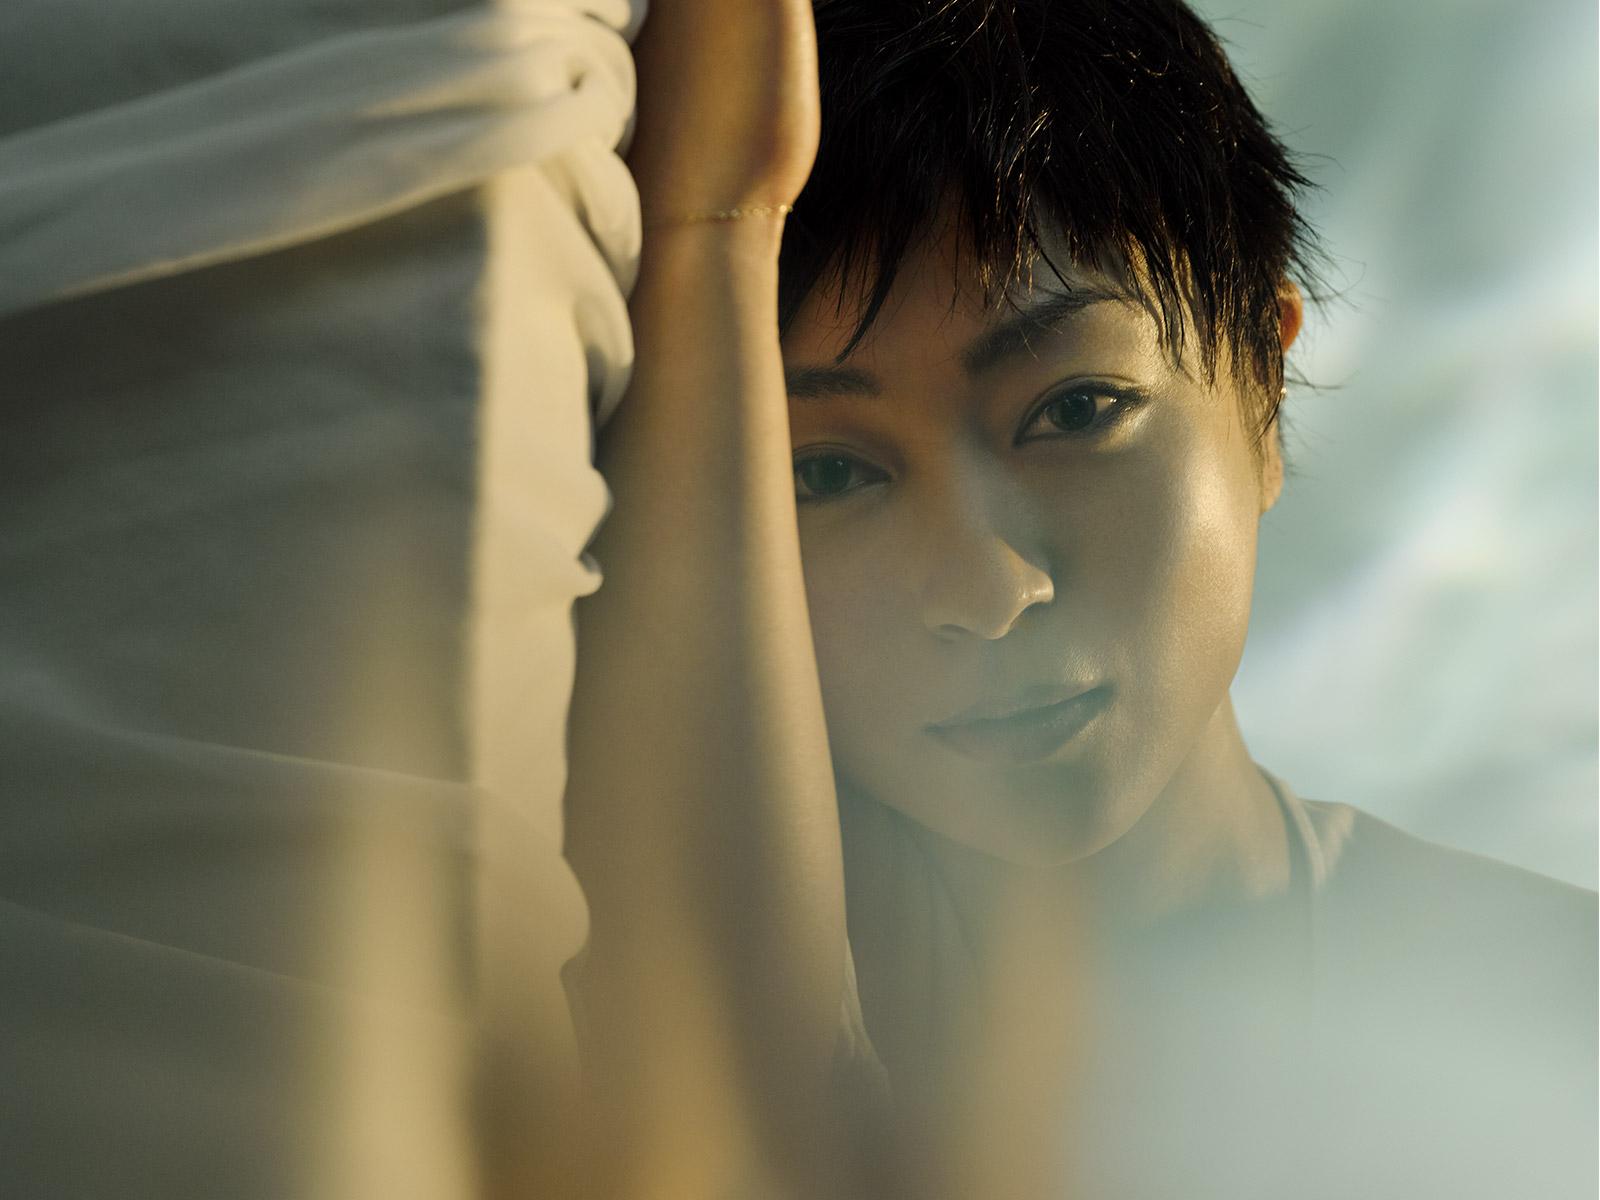 髪がなびく宇多田ヒカル